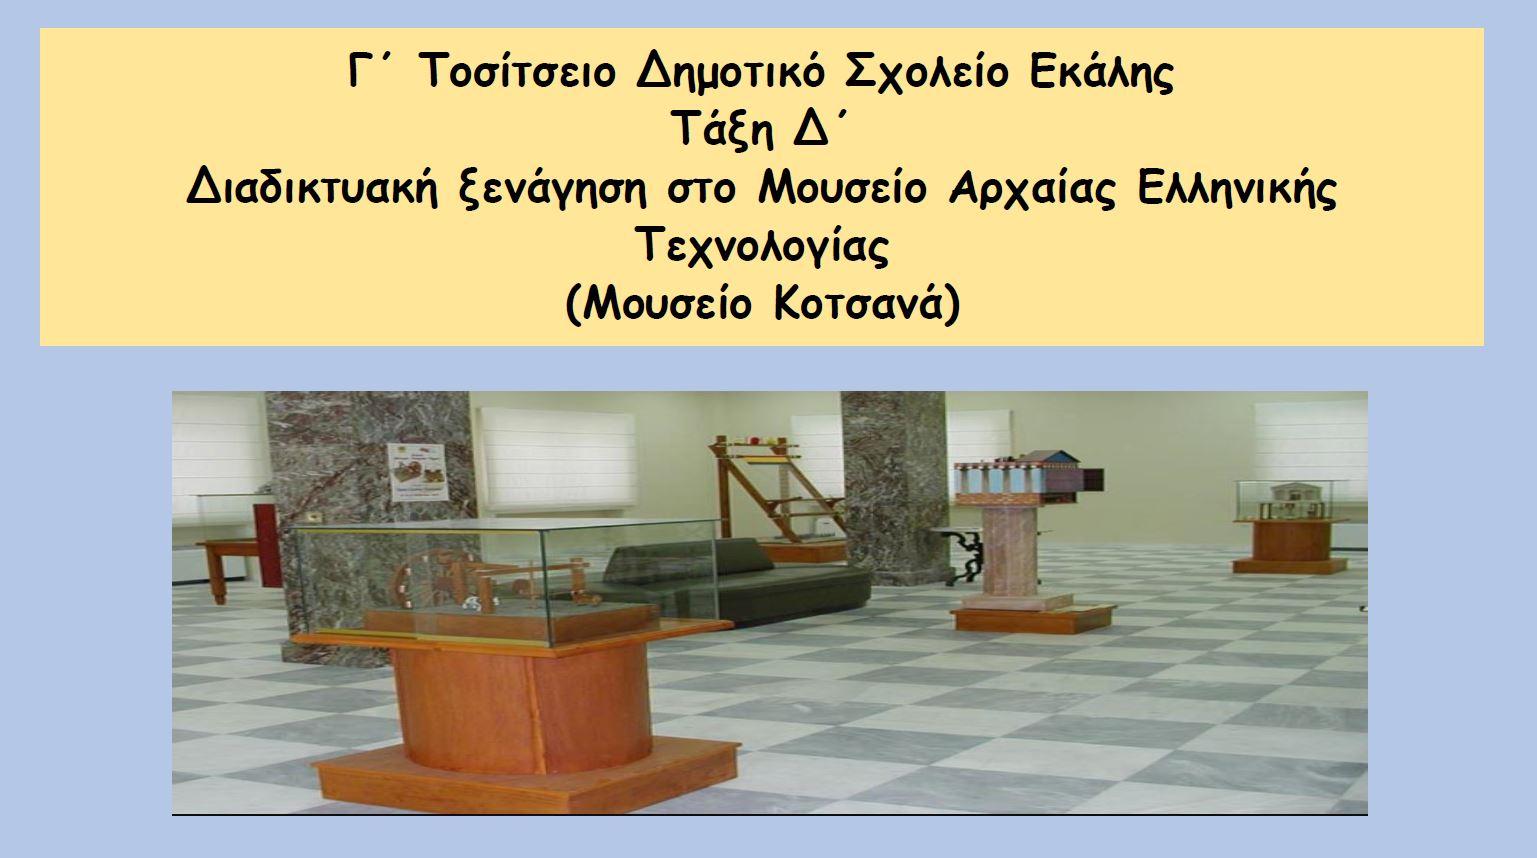 Διαδικτυακή ξενάγηση στο Μουσείο Αρχαίας Ελληνικής Τεχνολογίας